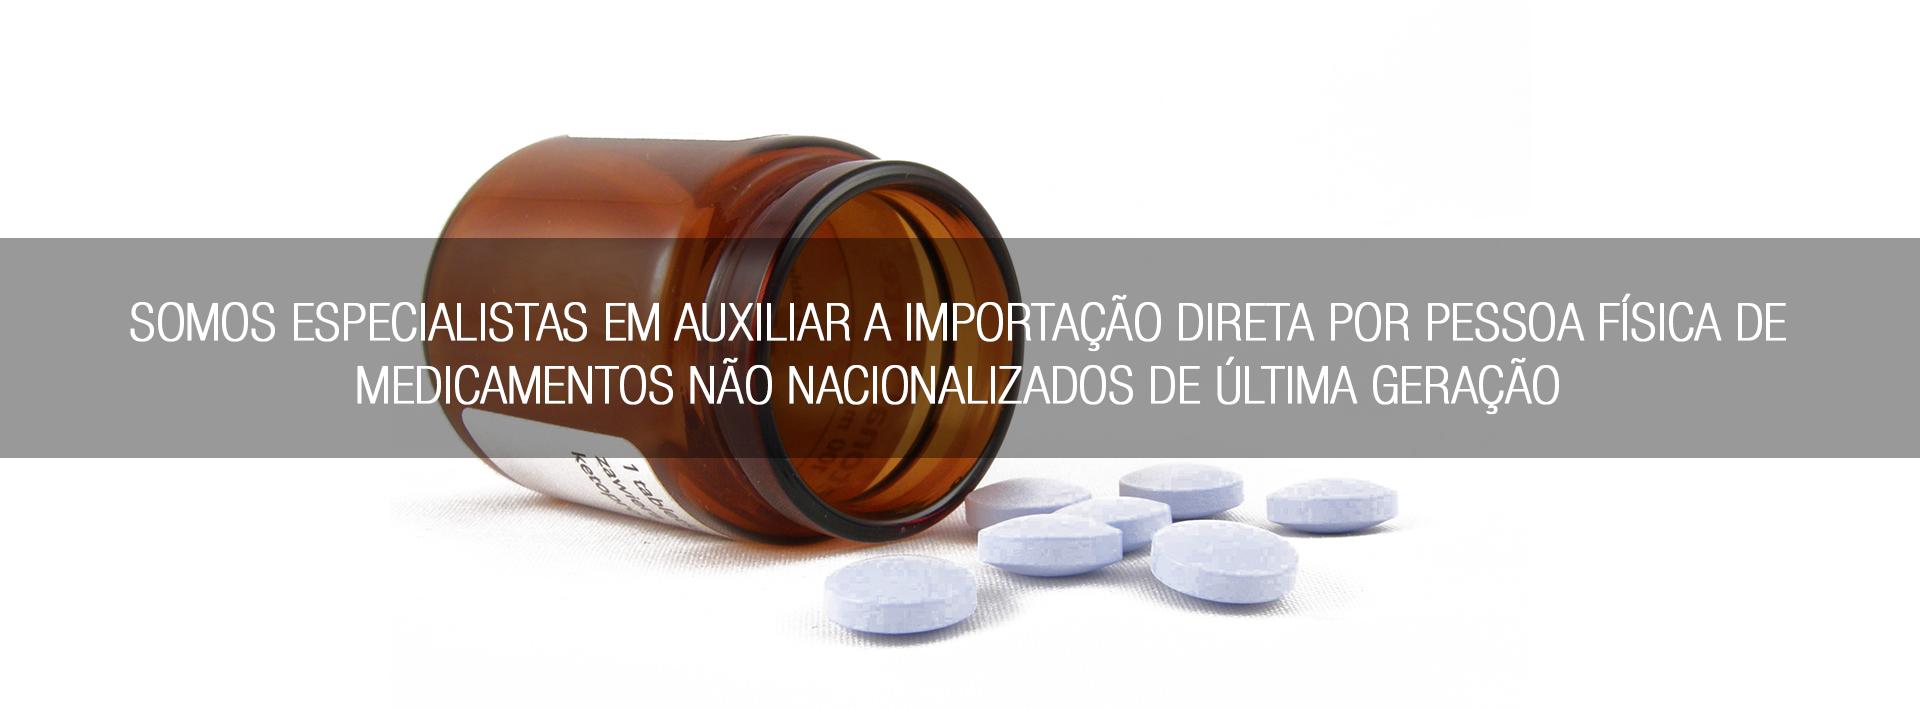 Importação de medicamentos